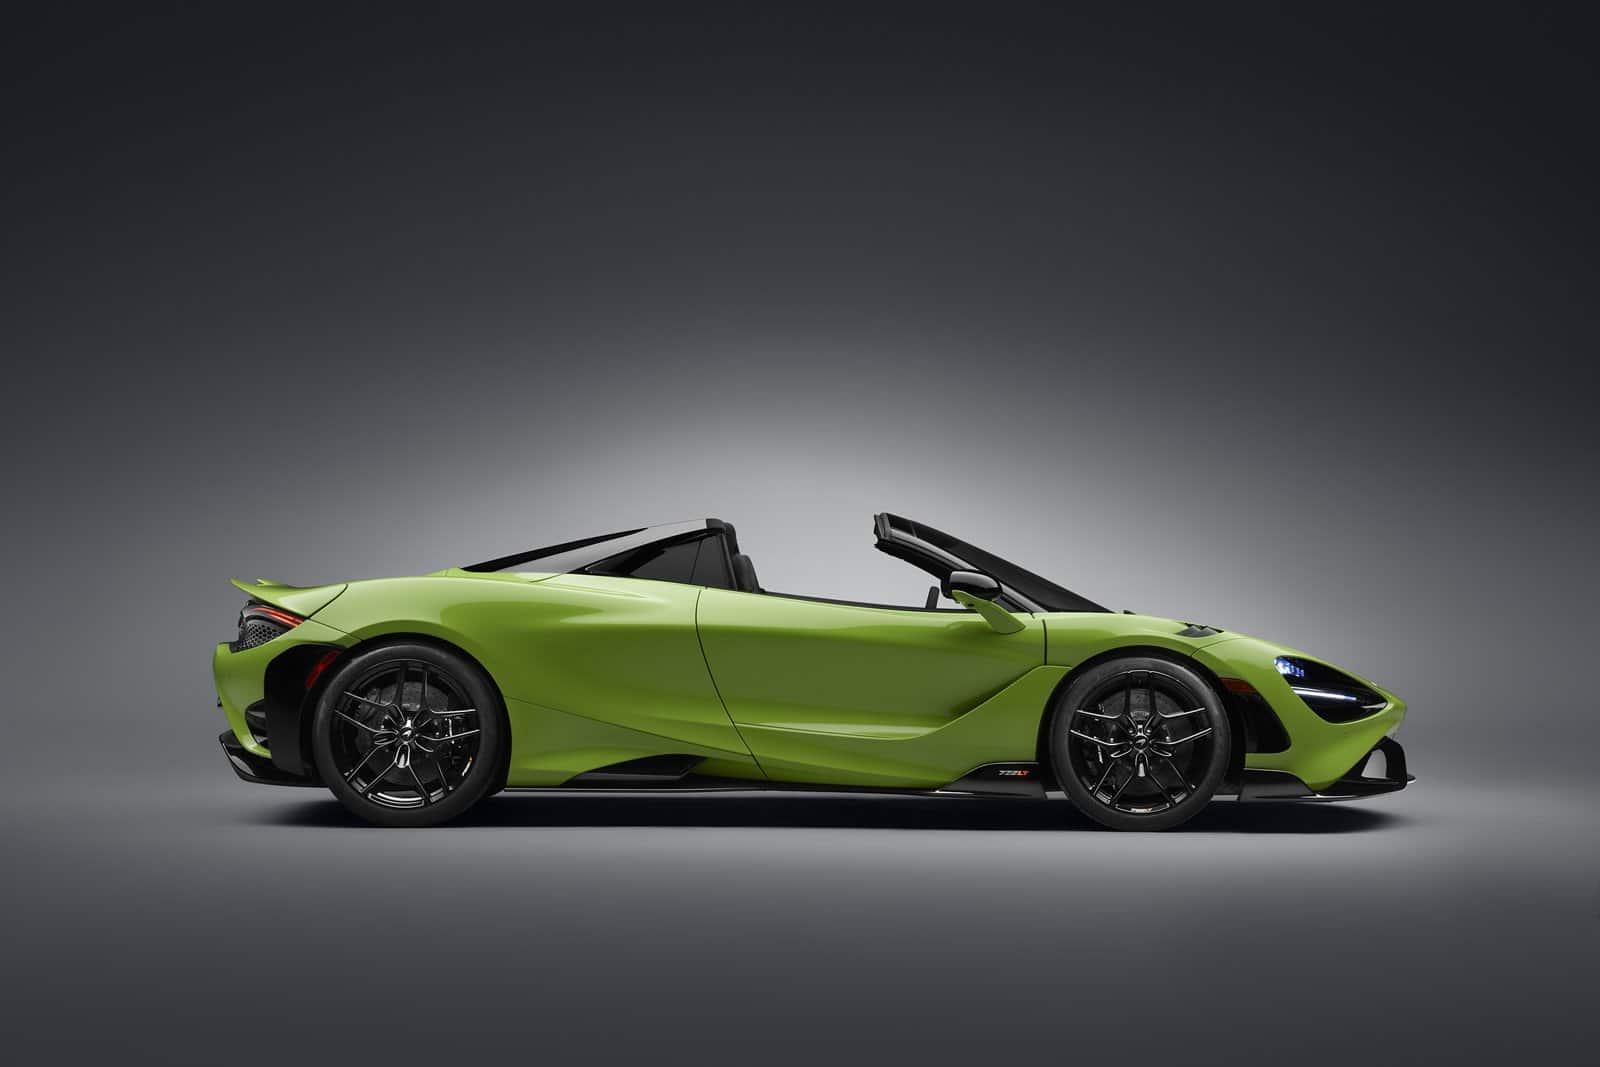 La producción del McLaren 765LT Spider se limitará a 765 unidades